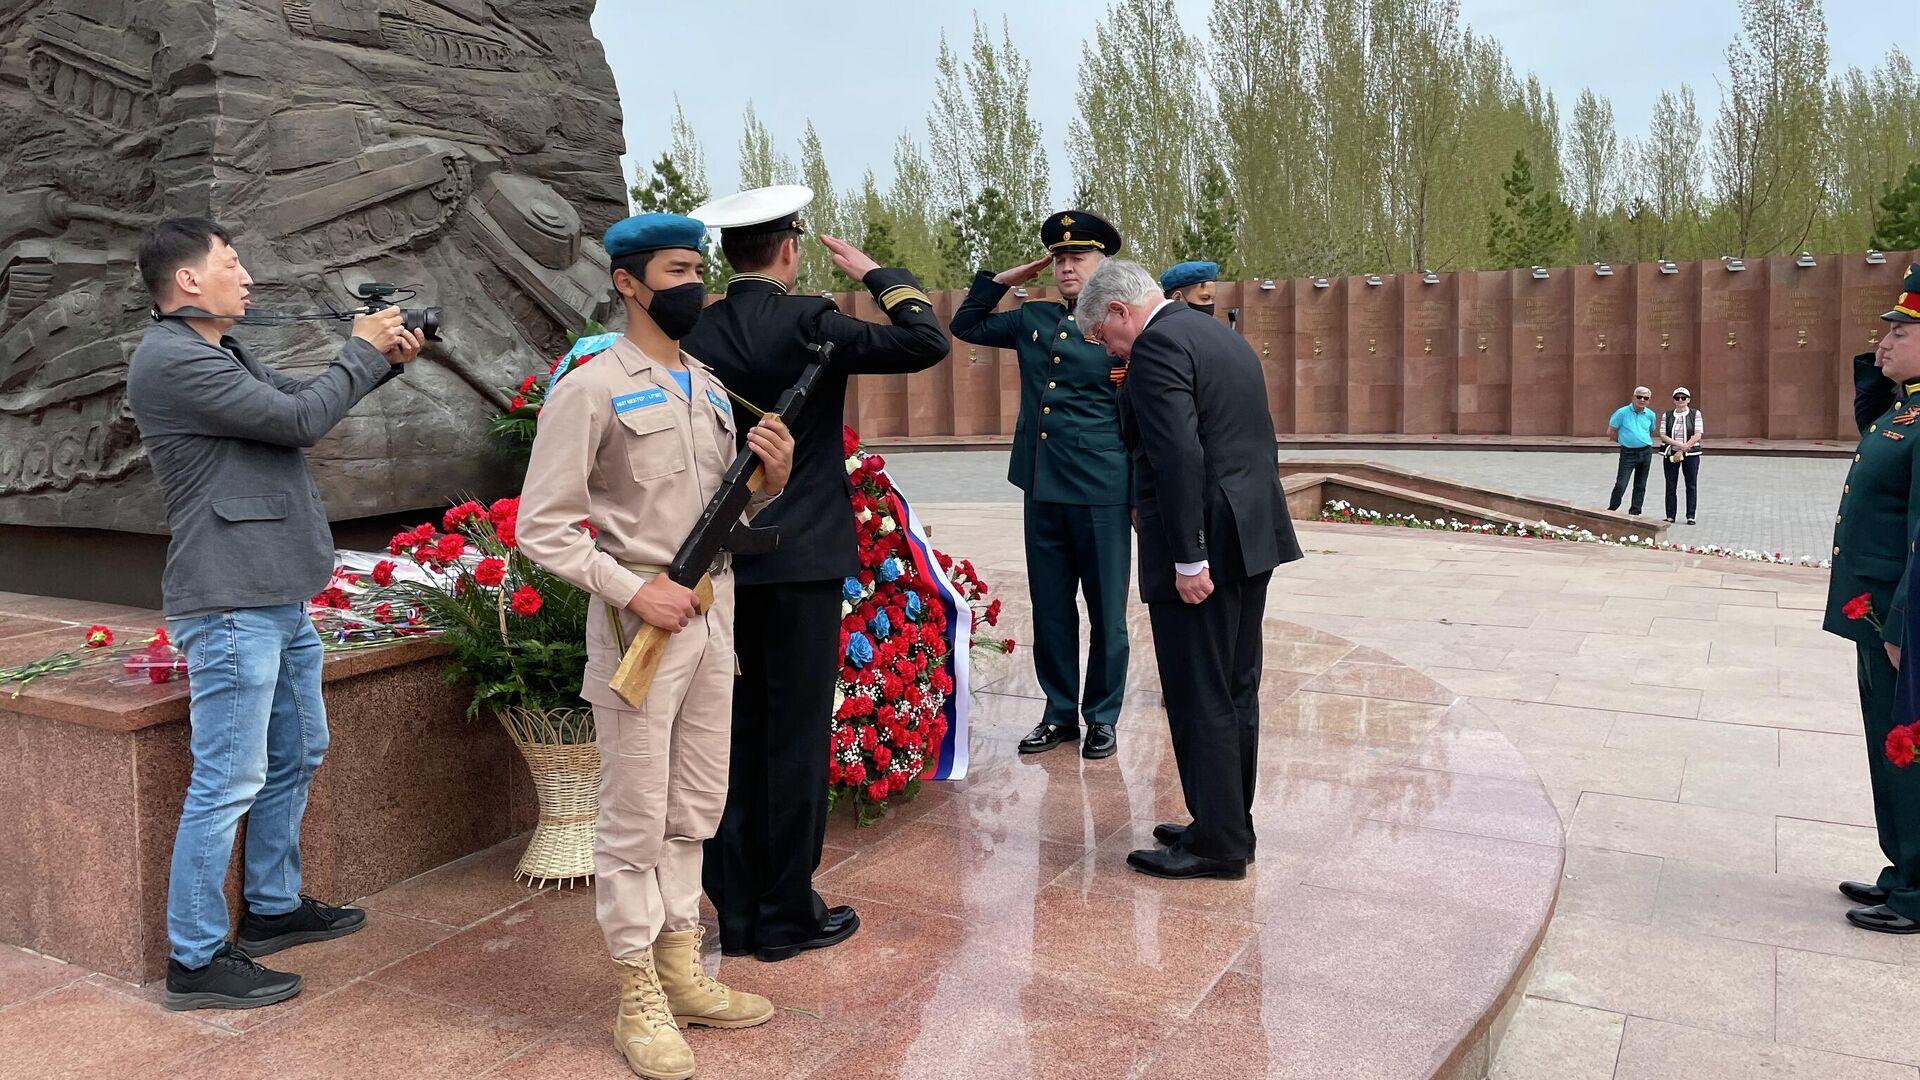 Посол России возложил в Нур-Султане цветы к памятнику генералу Панфилову - РИА Новости, 1920, 09.05.2021